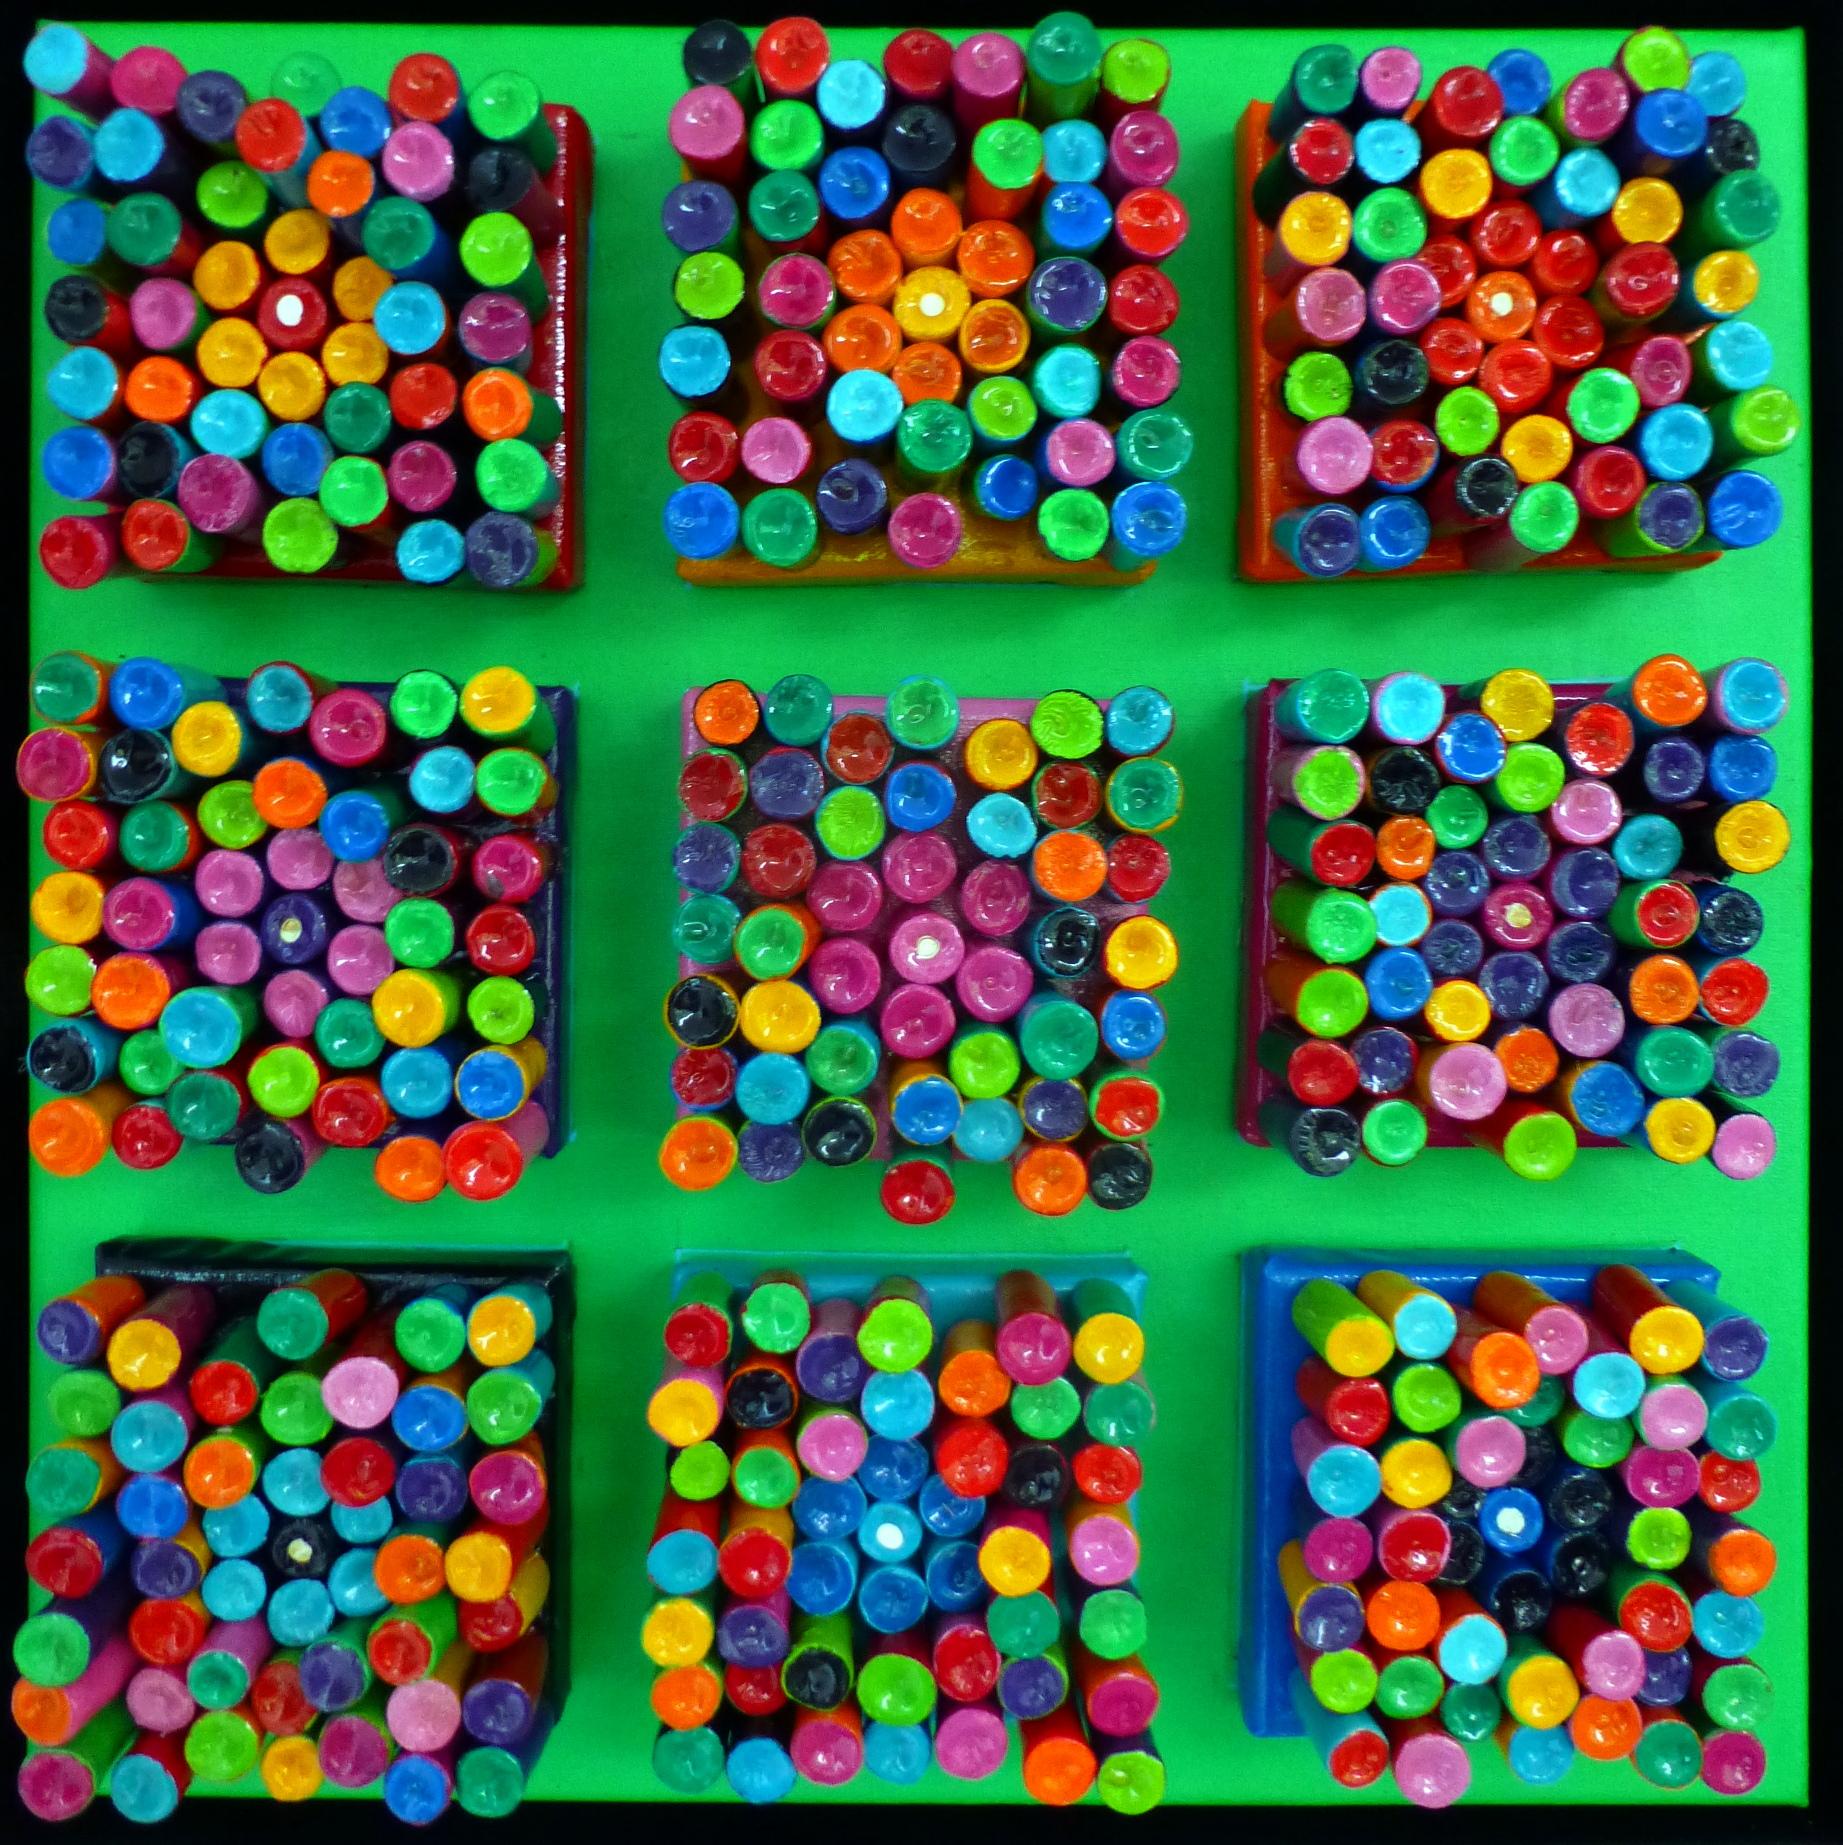 abstract groen met 9 vakken met klei sta